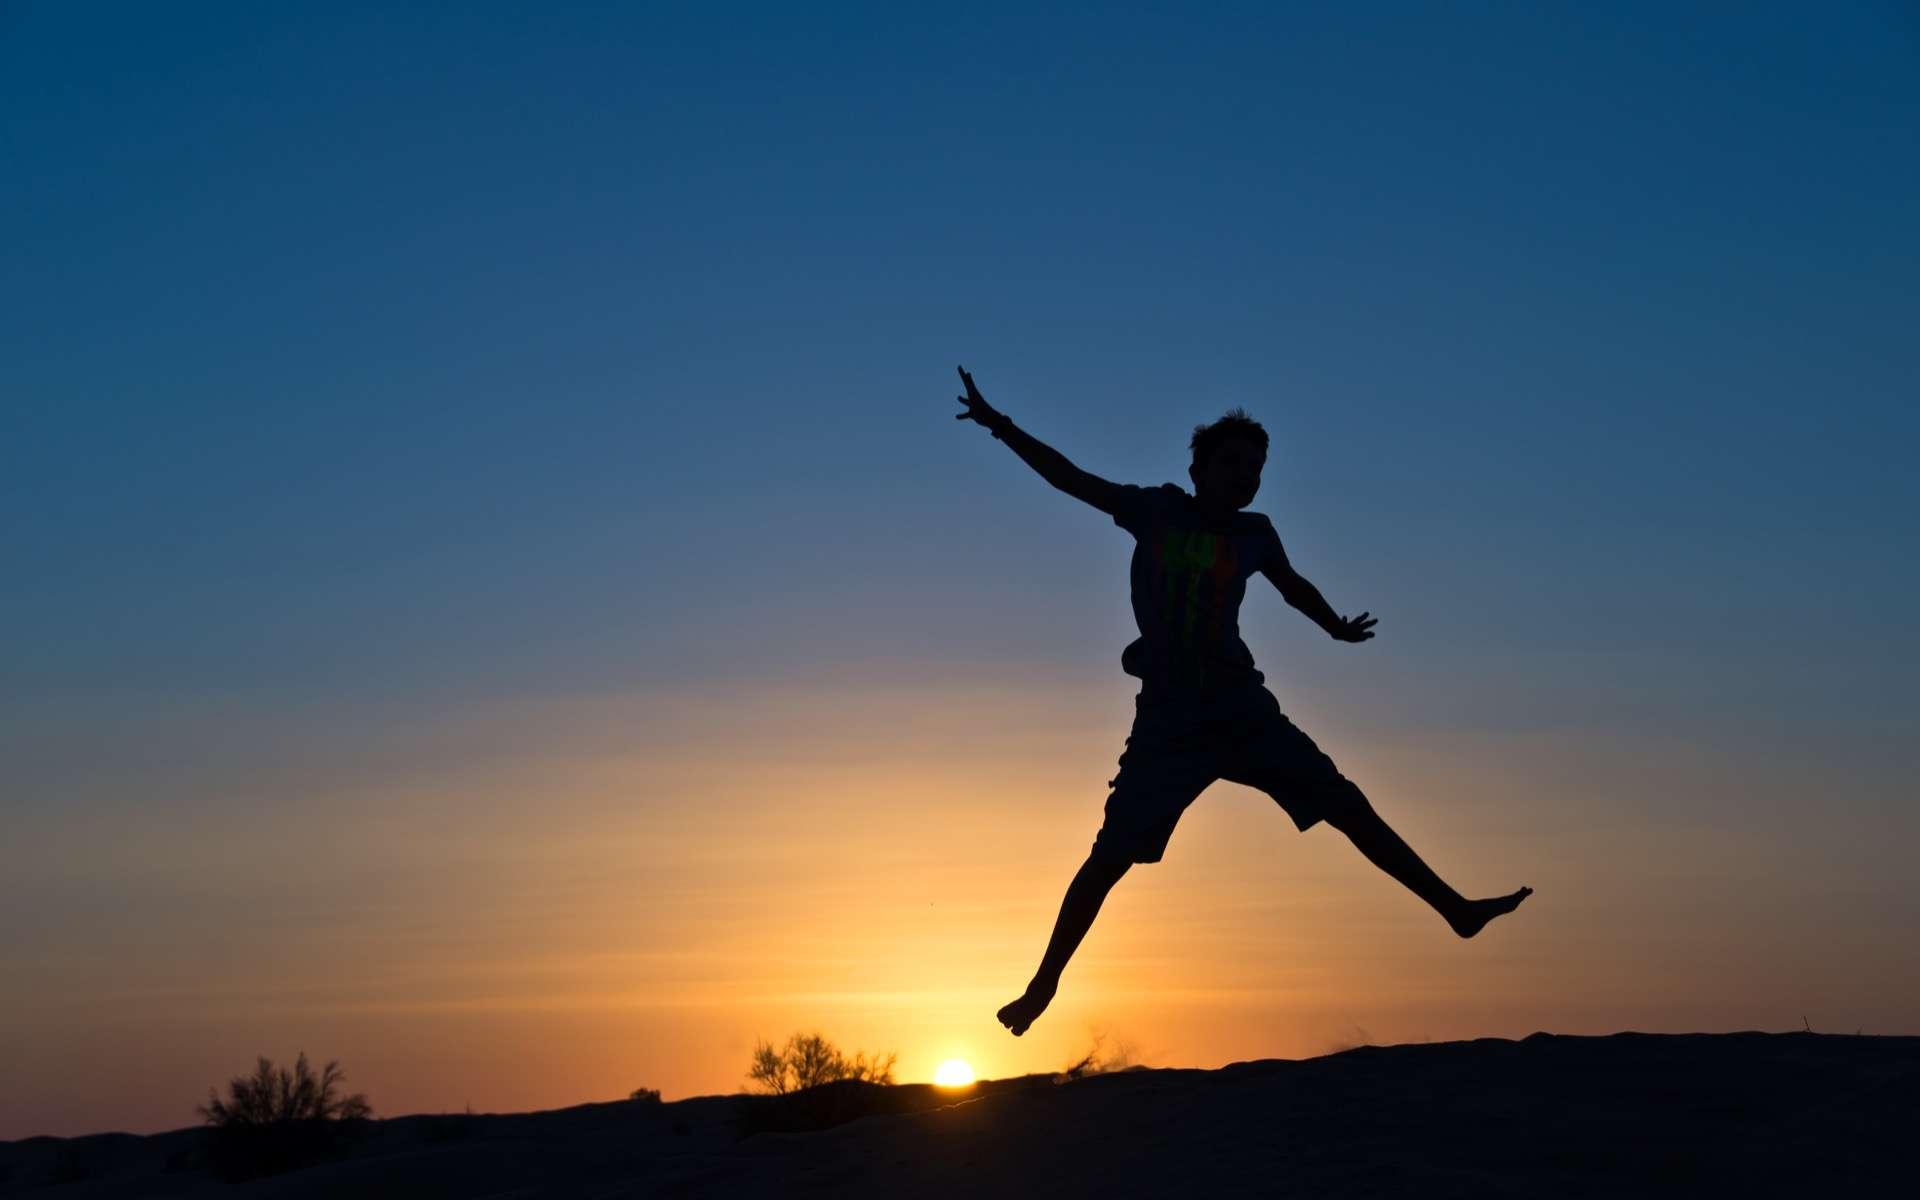 Coucher tôt, lever tôt : le secret d'une bonne santé mentale, selon une étude américaine. © Delphotostock, Adobe Stock